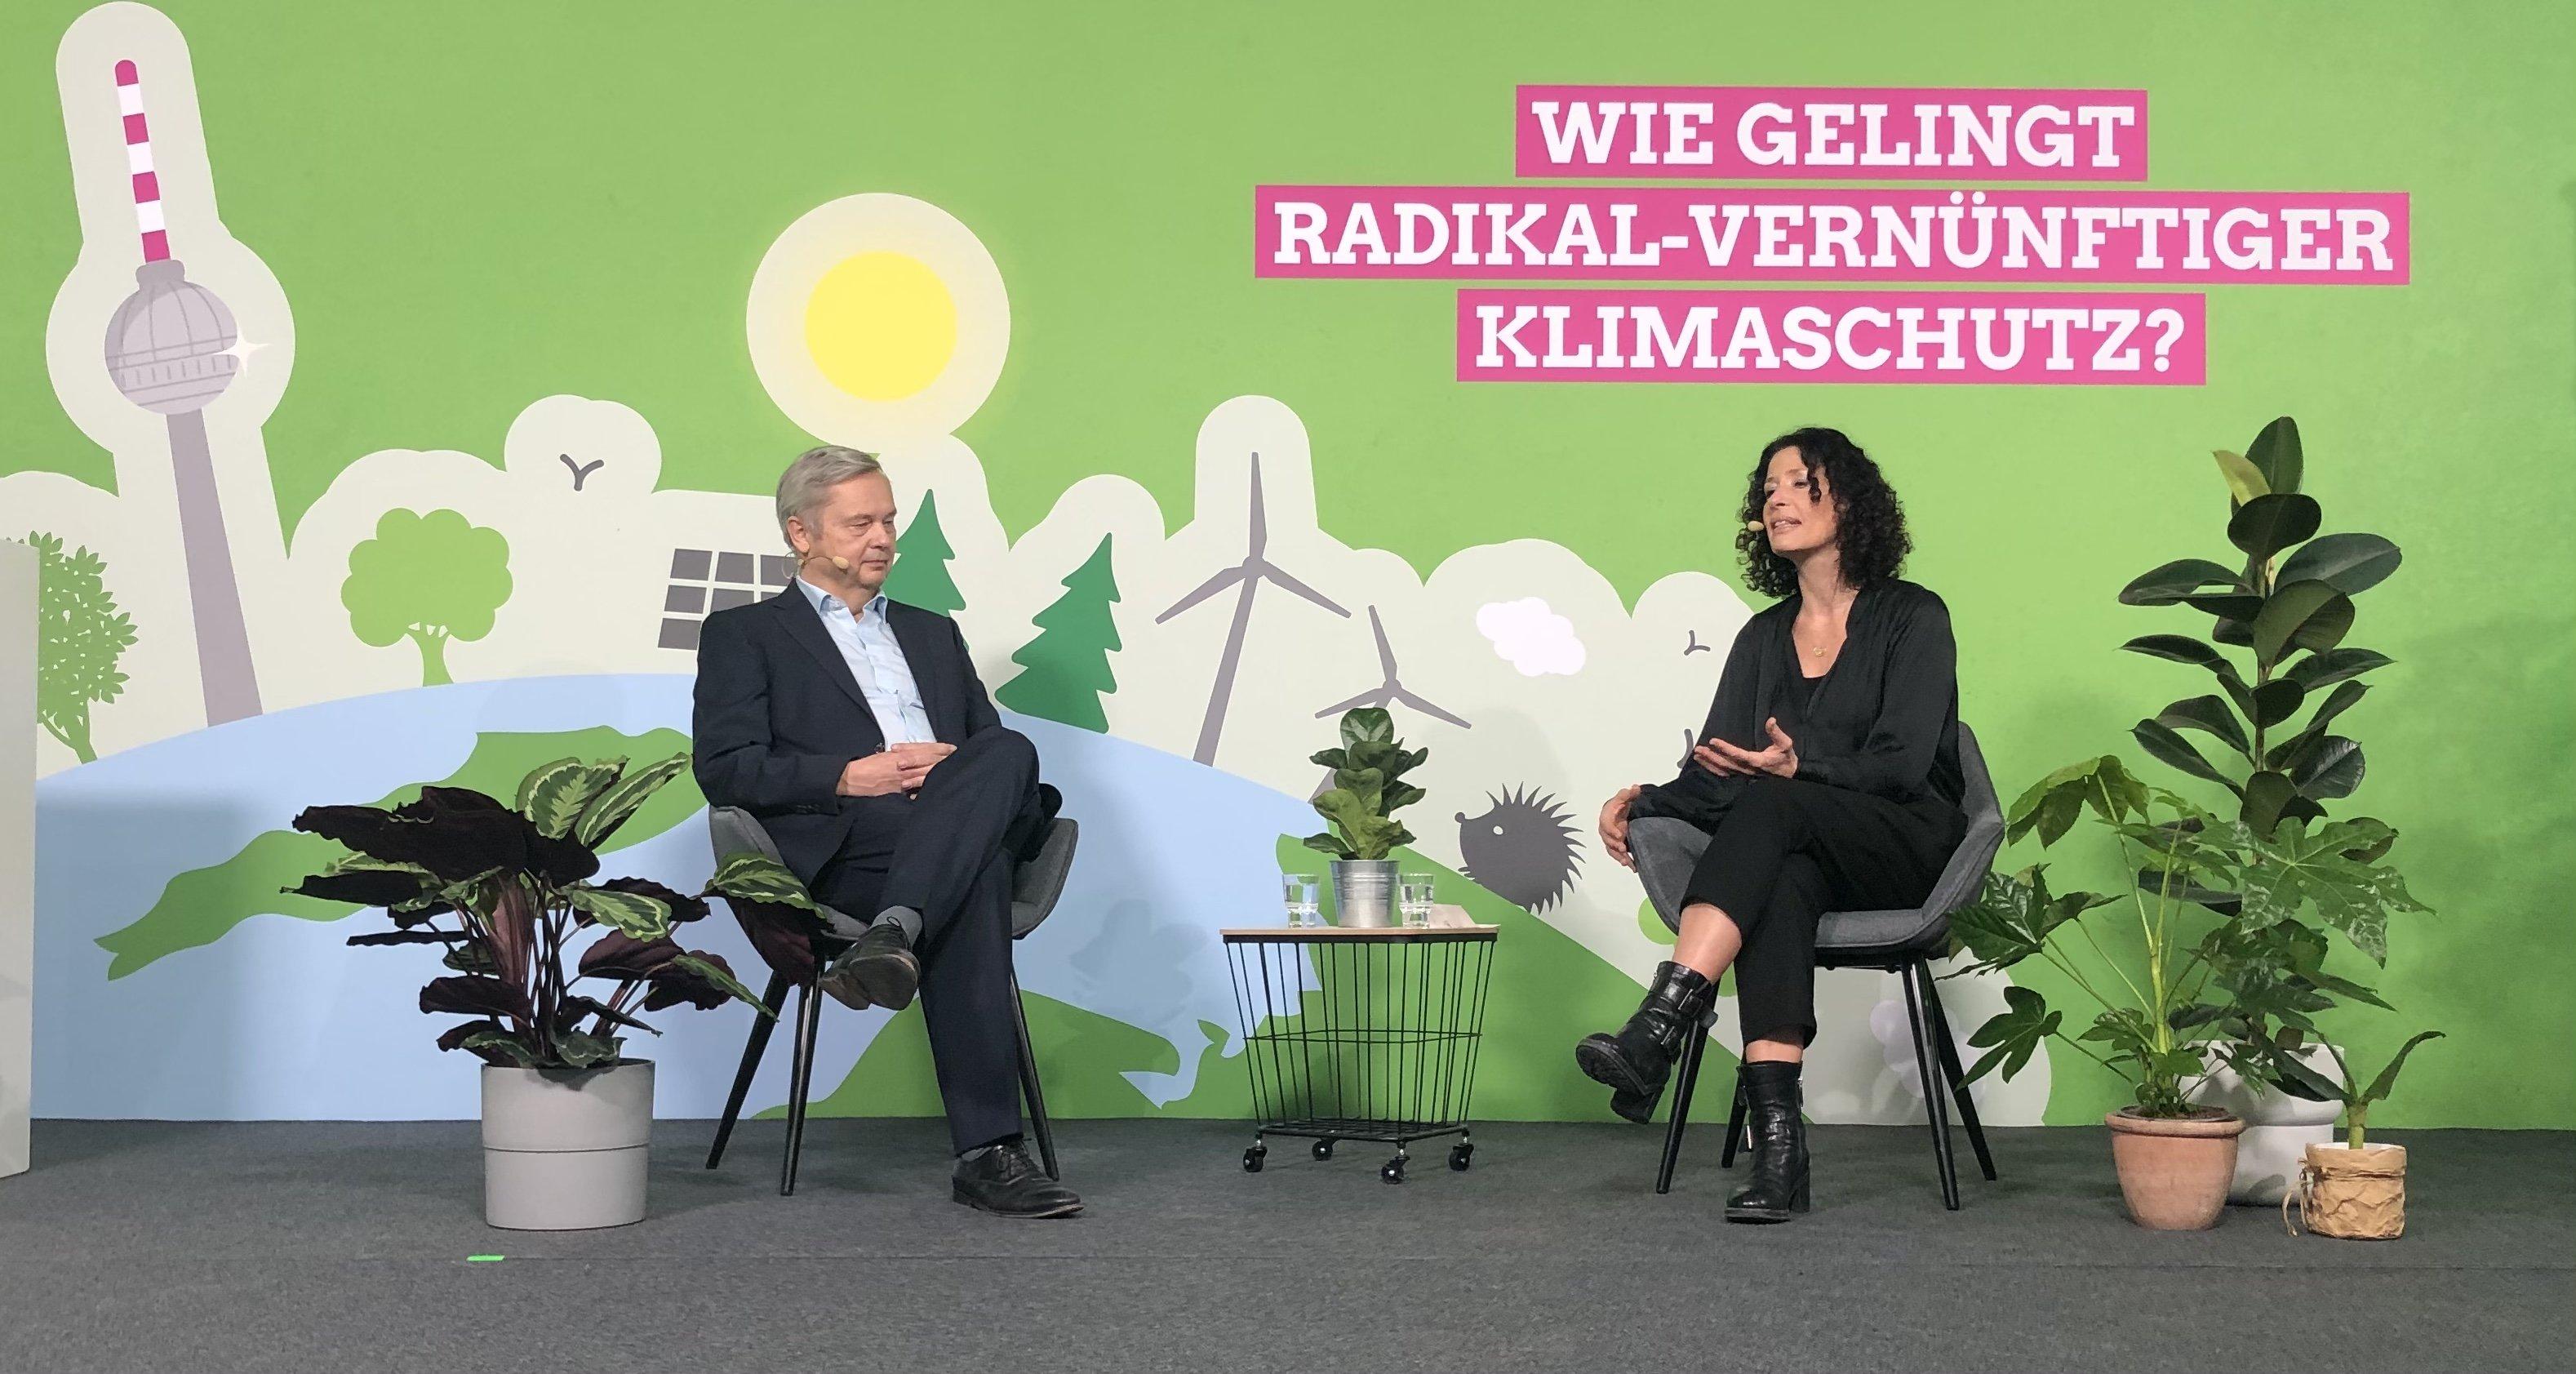 Klimakonferenz Berlin for Future: Bettina Jarasch meets Prof. Dr. Christian Thomsen